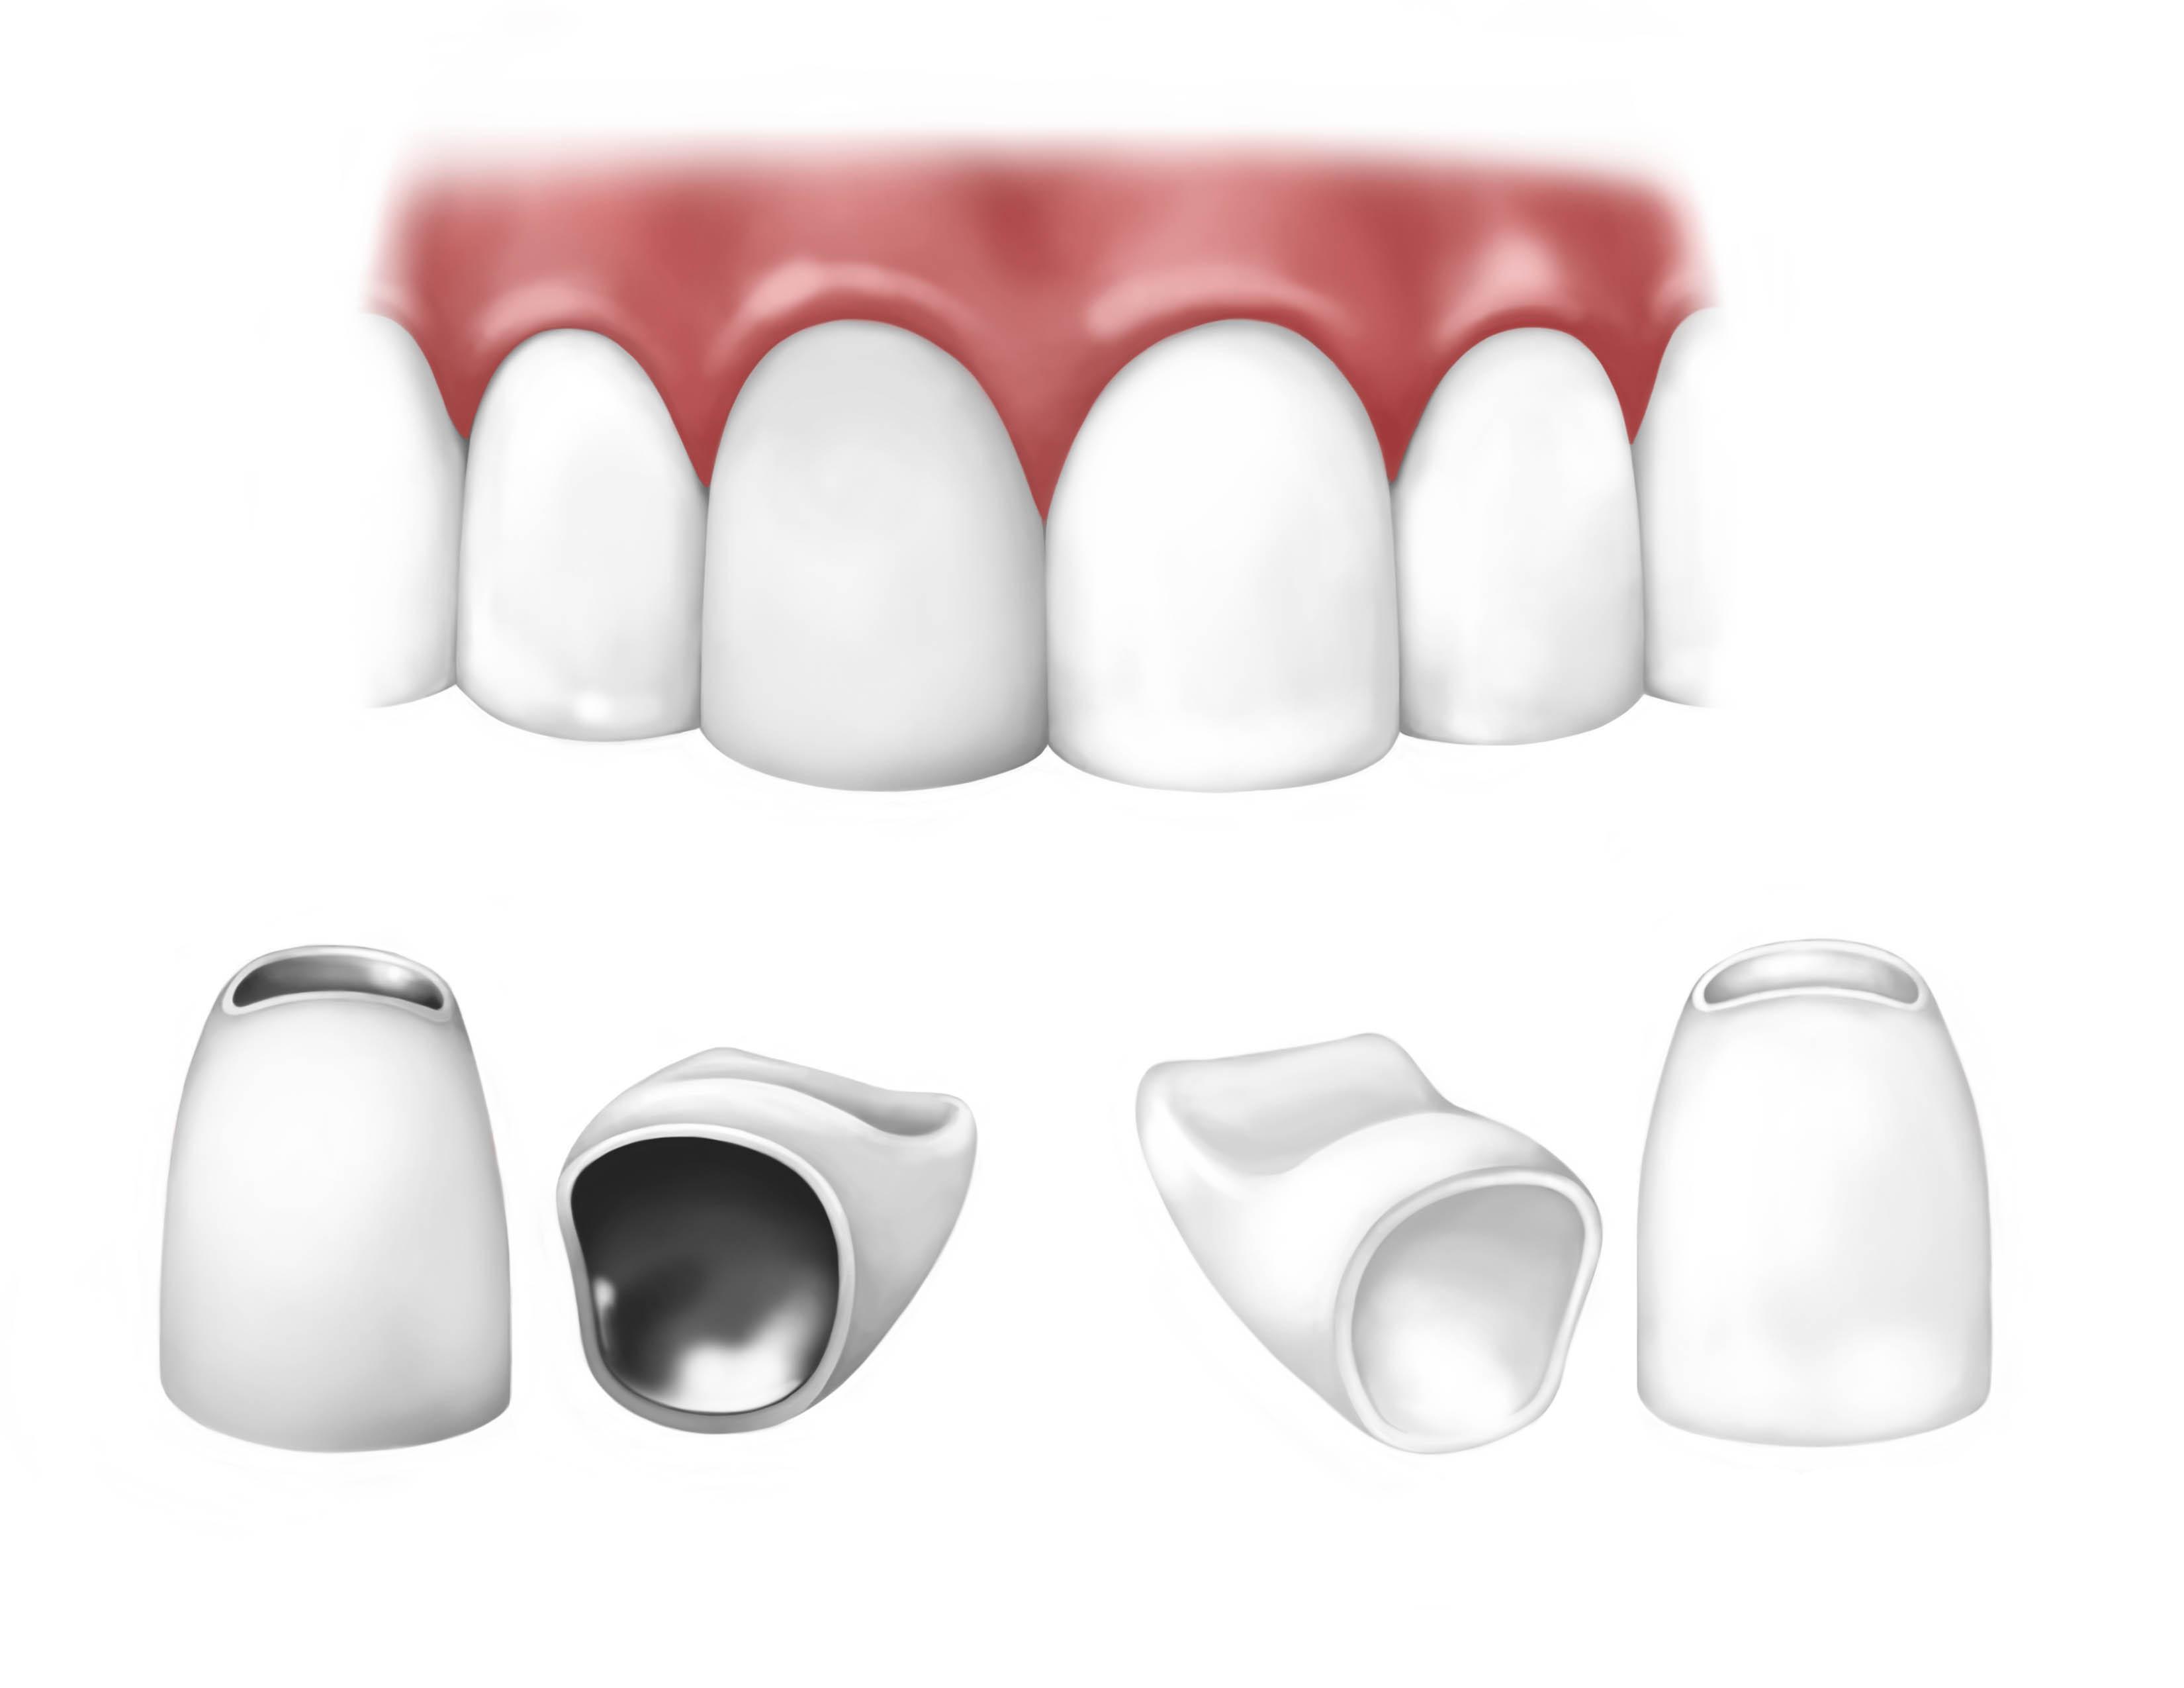 canalul dinților poate provoca pierderea în greutate alăptarea copilului nu poate pierde în greutate